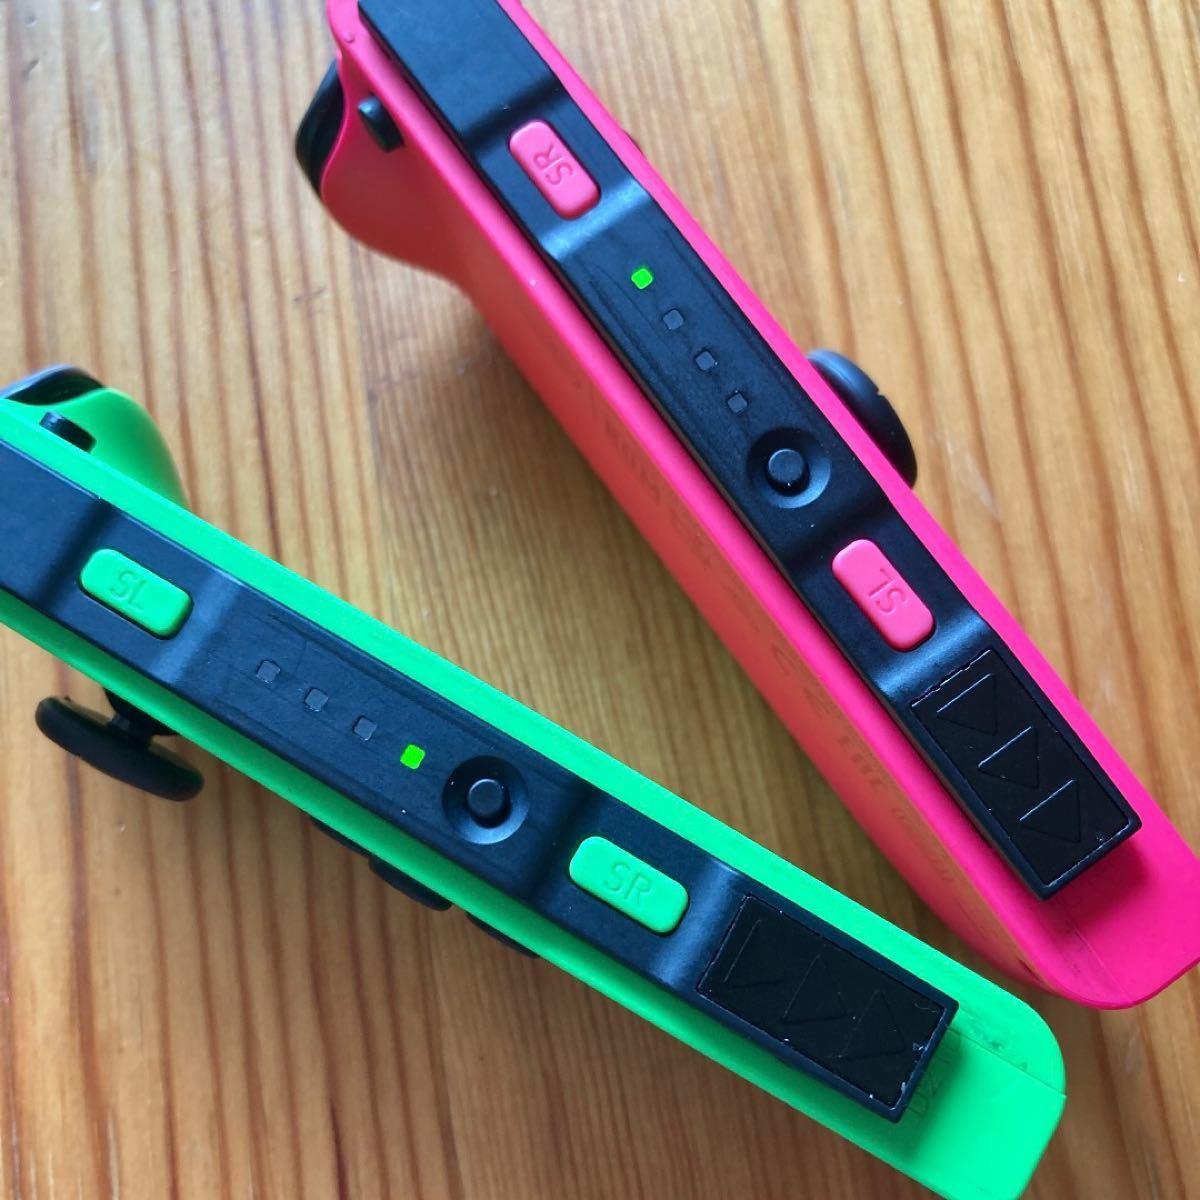 Switch ジョイコン ネオングリーン×ネオンピンクスプラカラー ニンテンドー